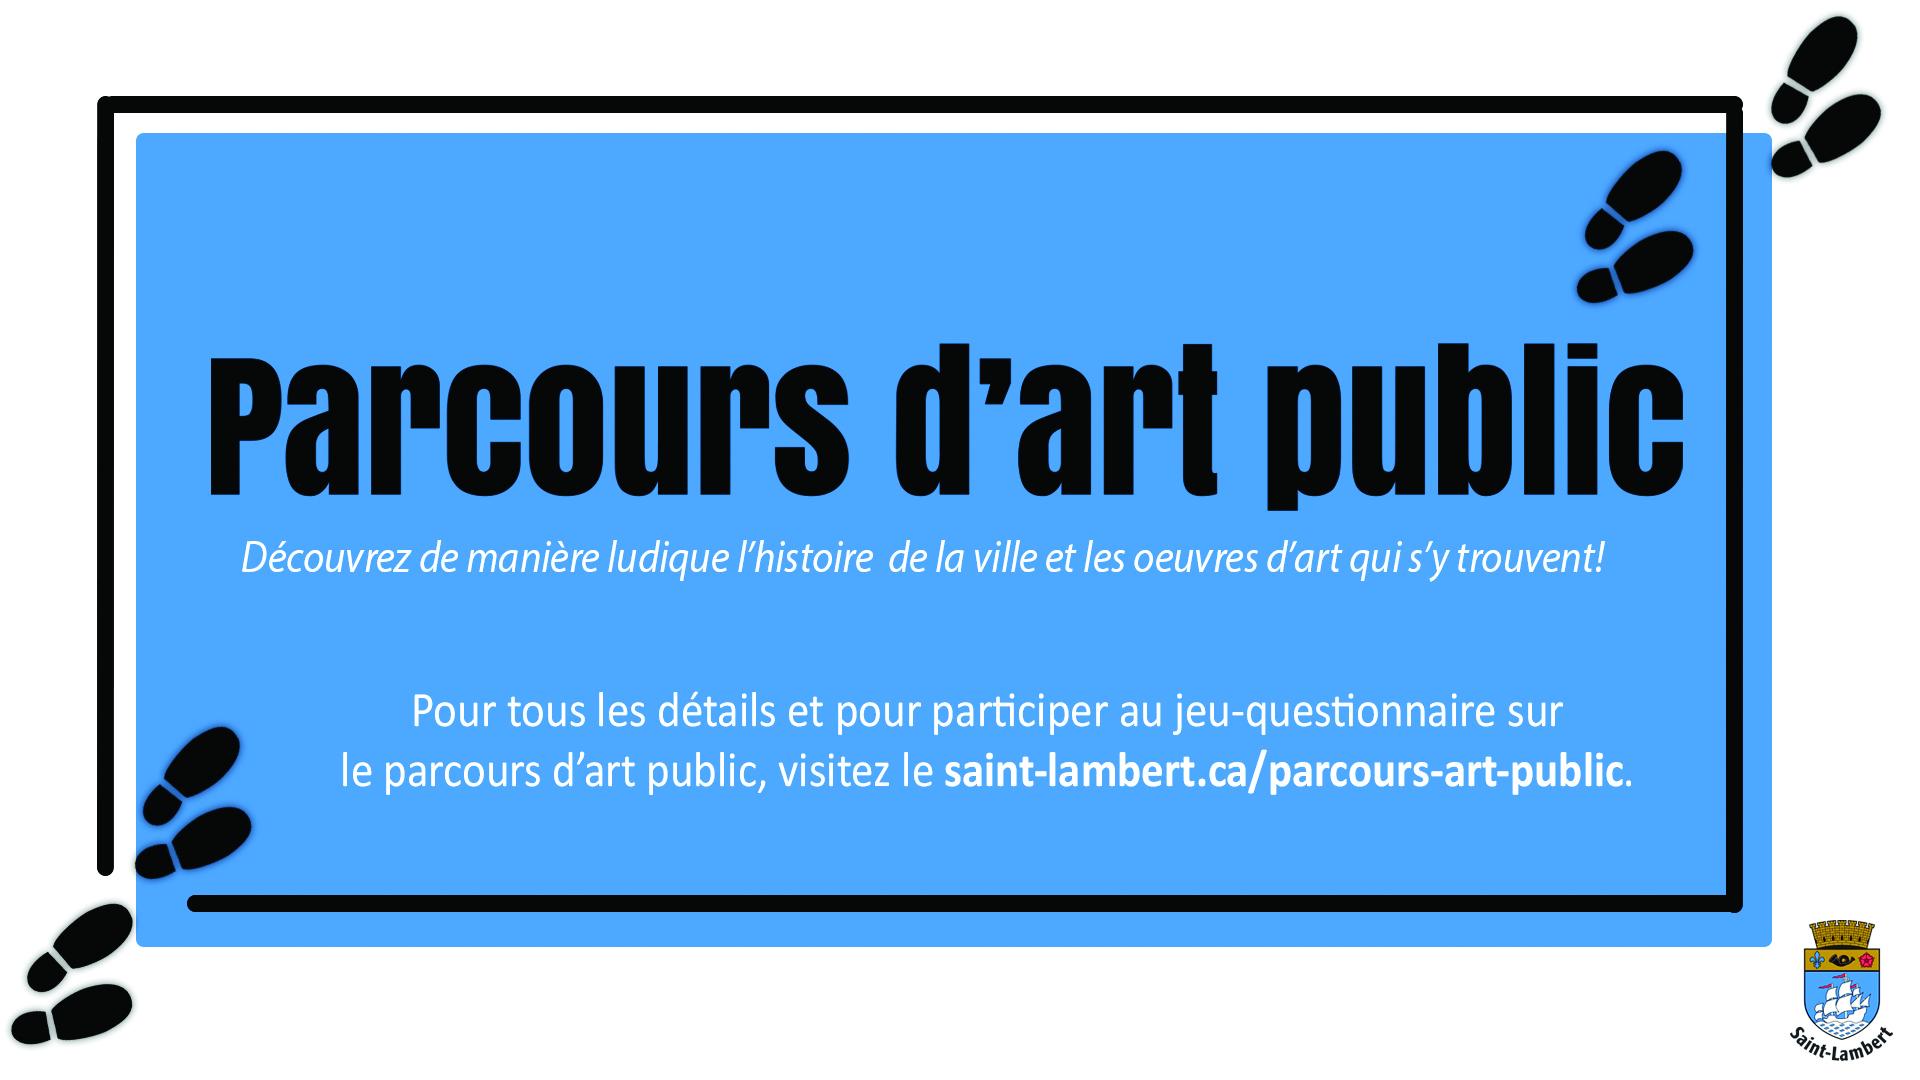 Participez au tout premier parcours d'art public de Saint-Lambert